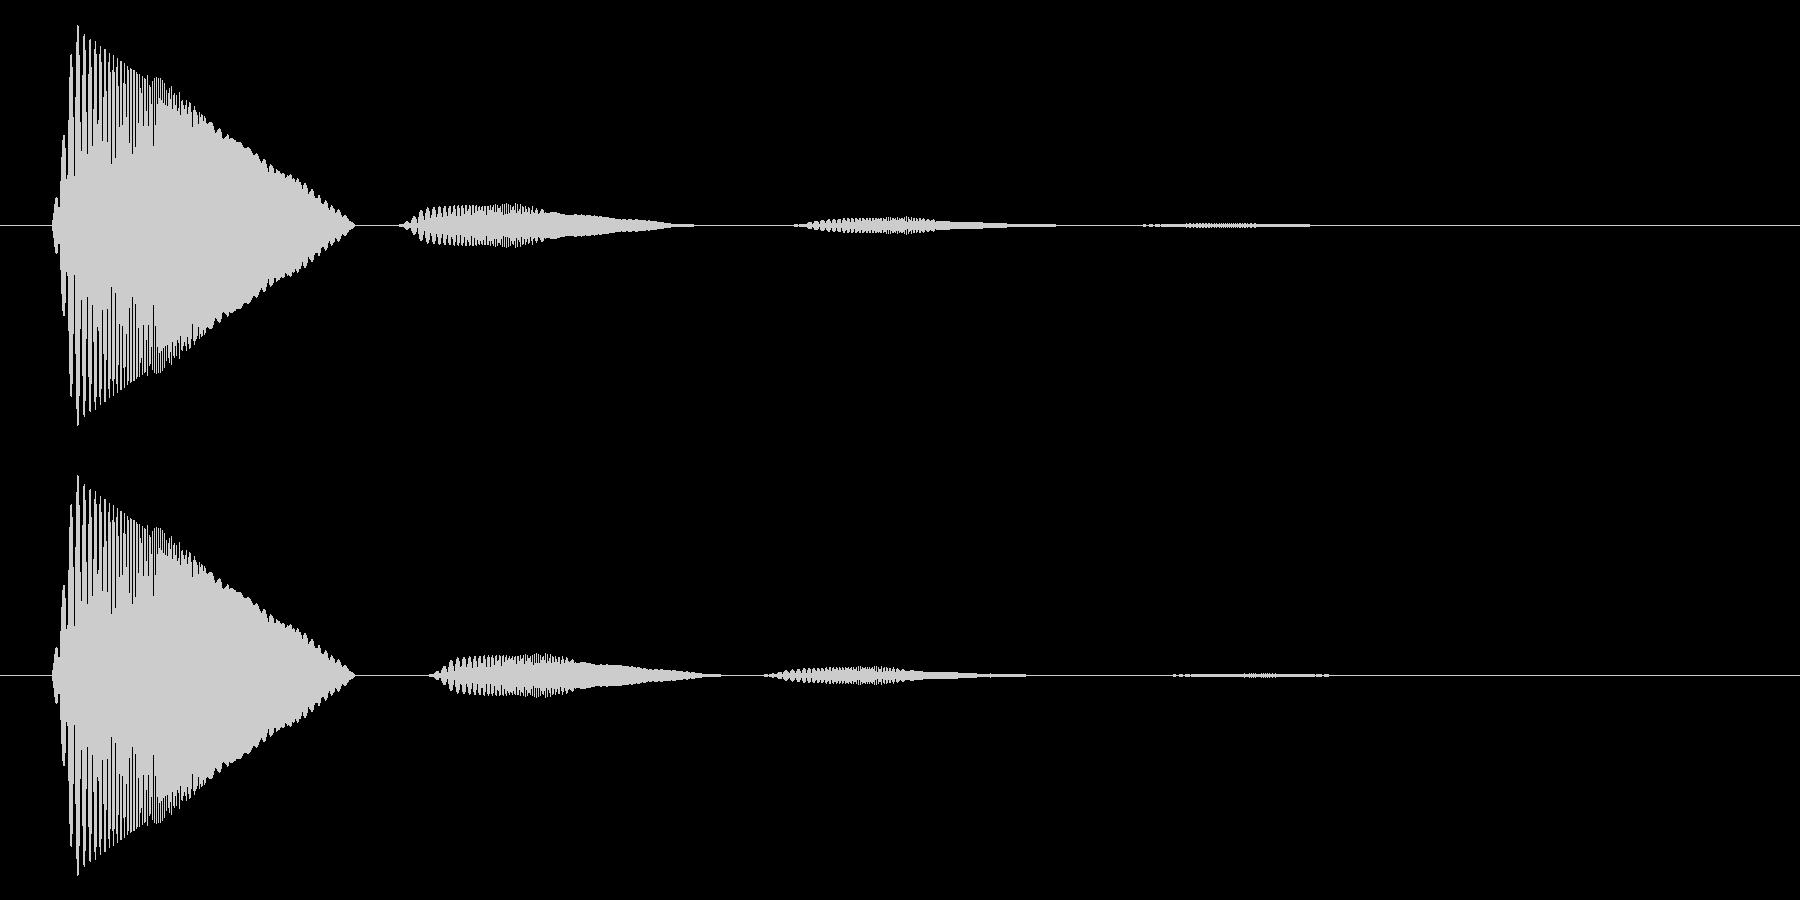 カーソル移動音10の未再生の波形